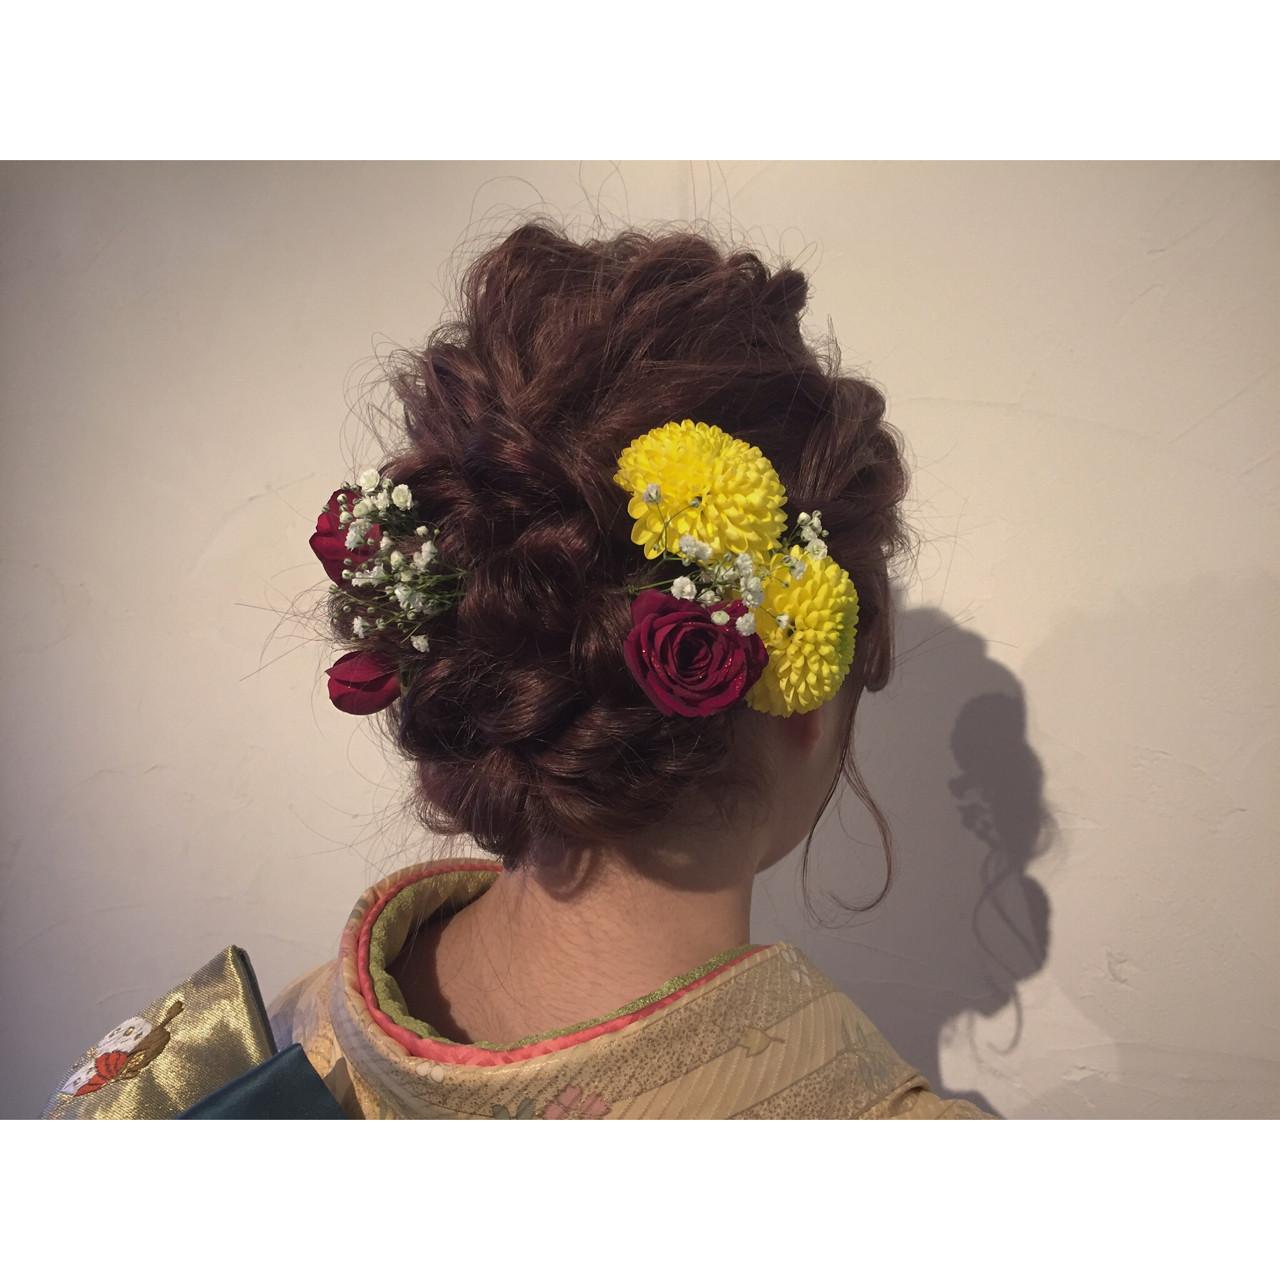 ヘアアレンジ ラフ ロング 花 ヘアスタイルや髪型の写真・画像